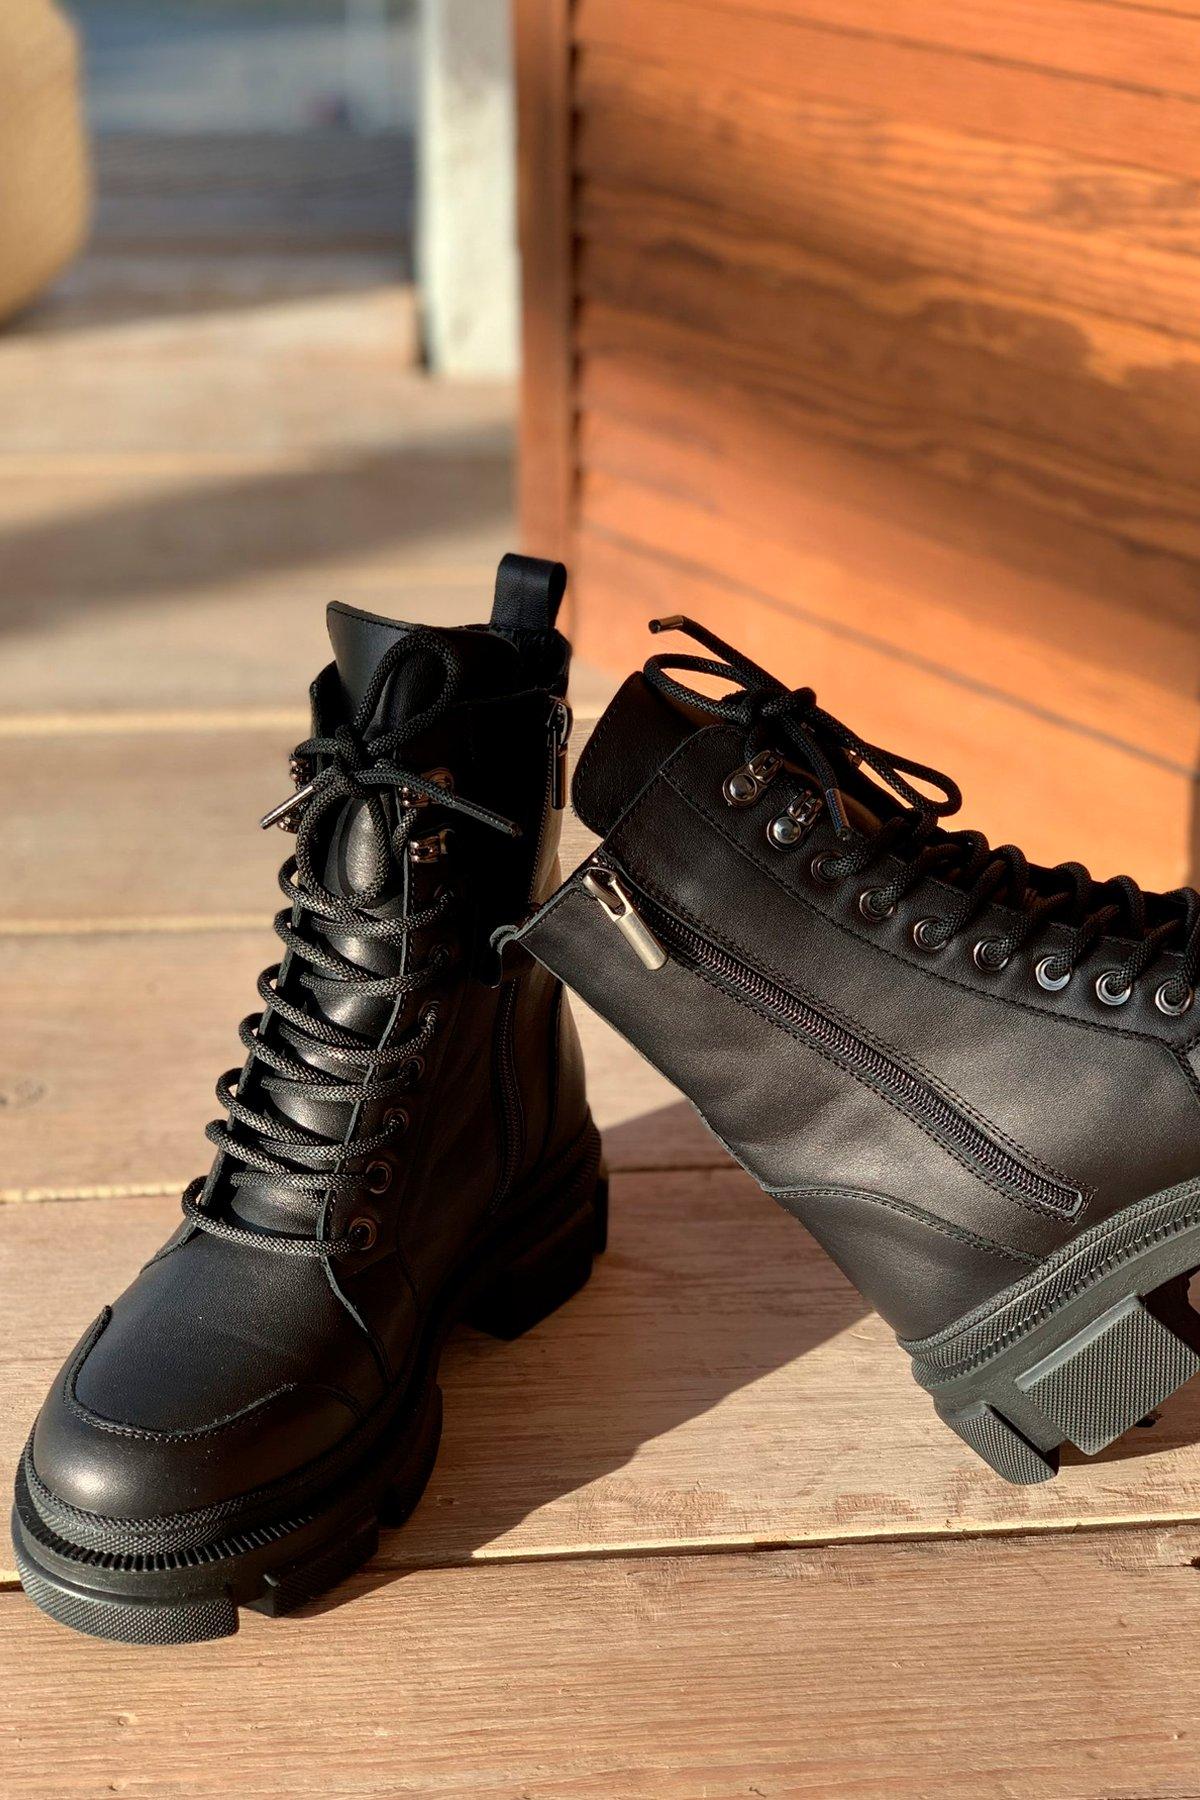 Ботинки зимние 260/7 АРТ. 46300 Цвет: Черный - фото 2, интернет магазин tm-modus.ru